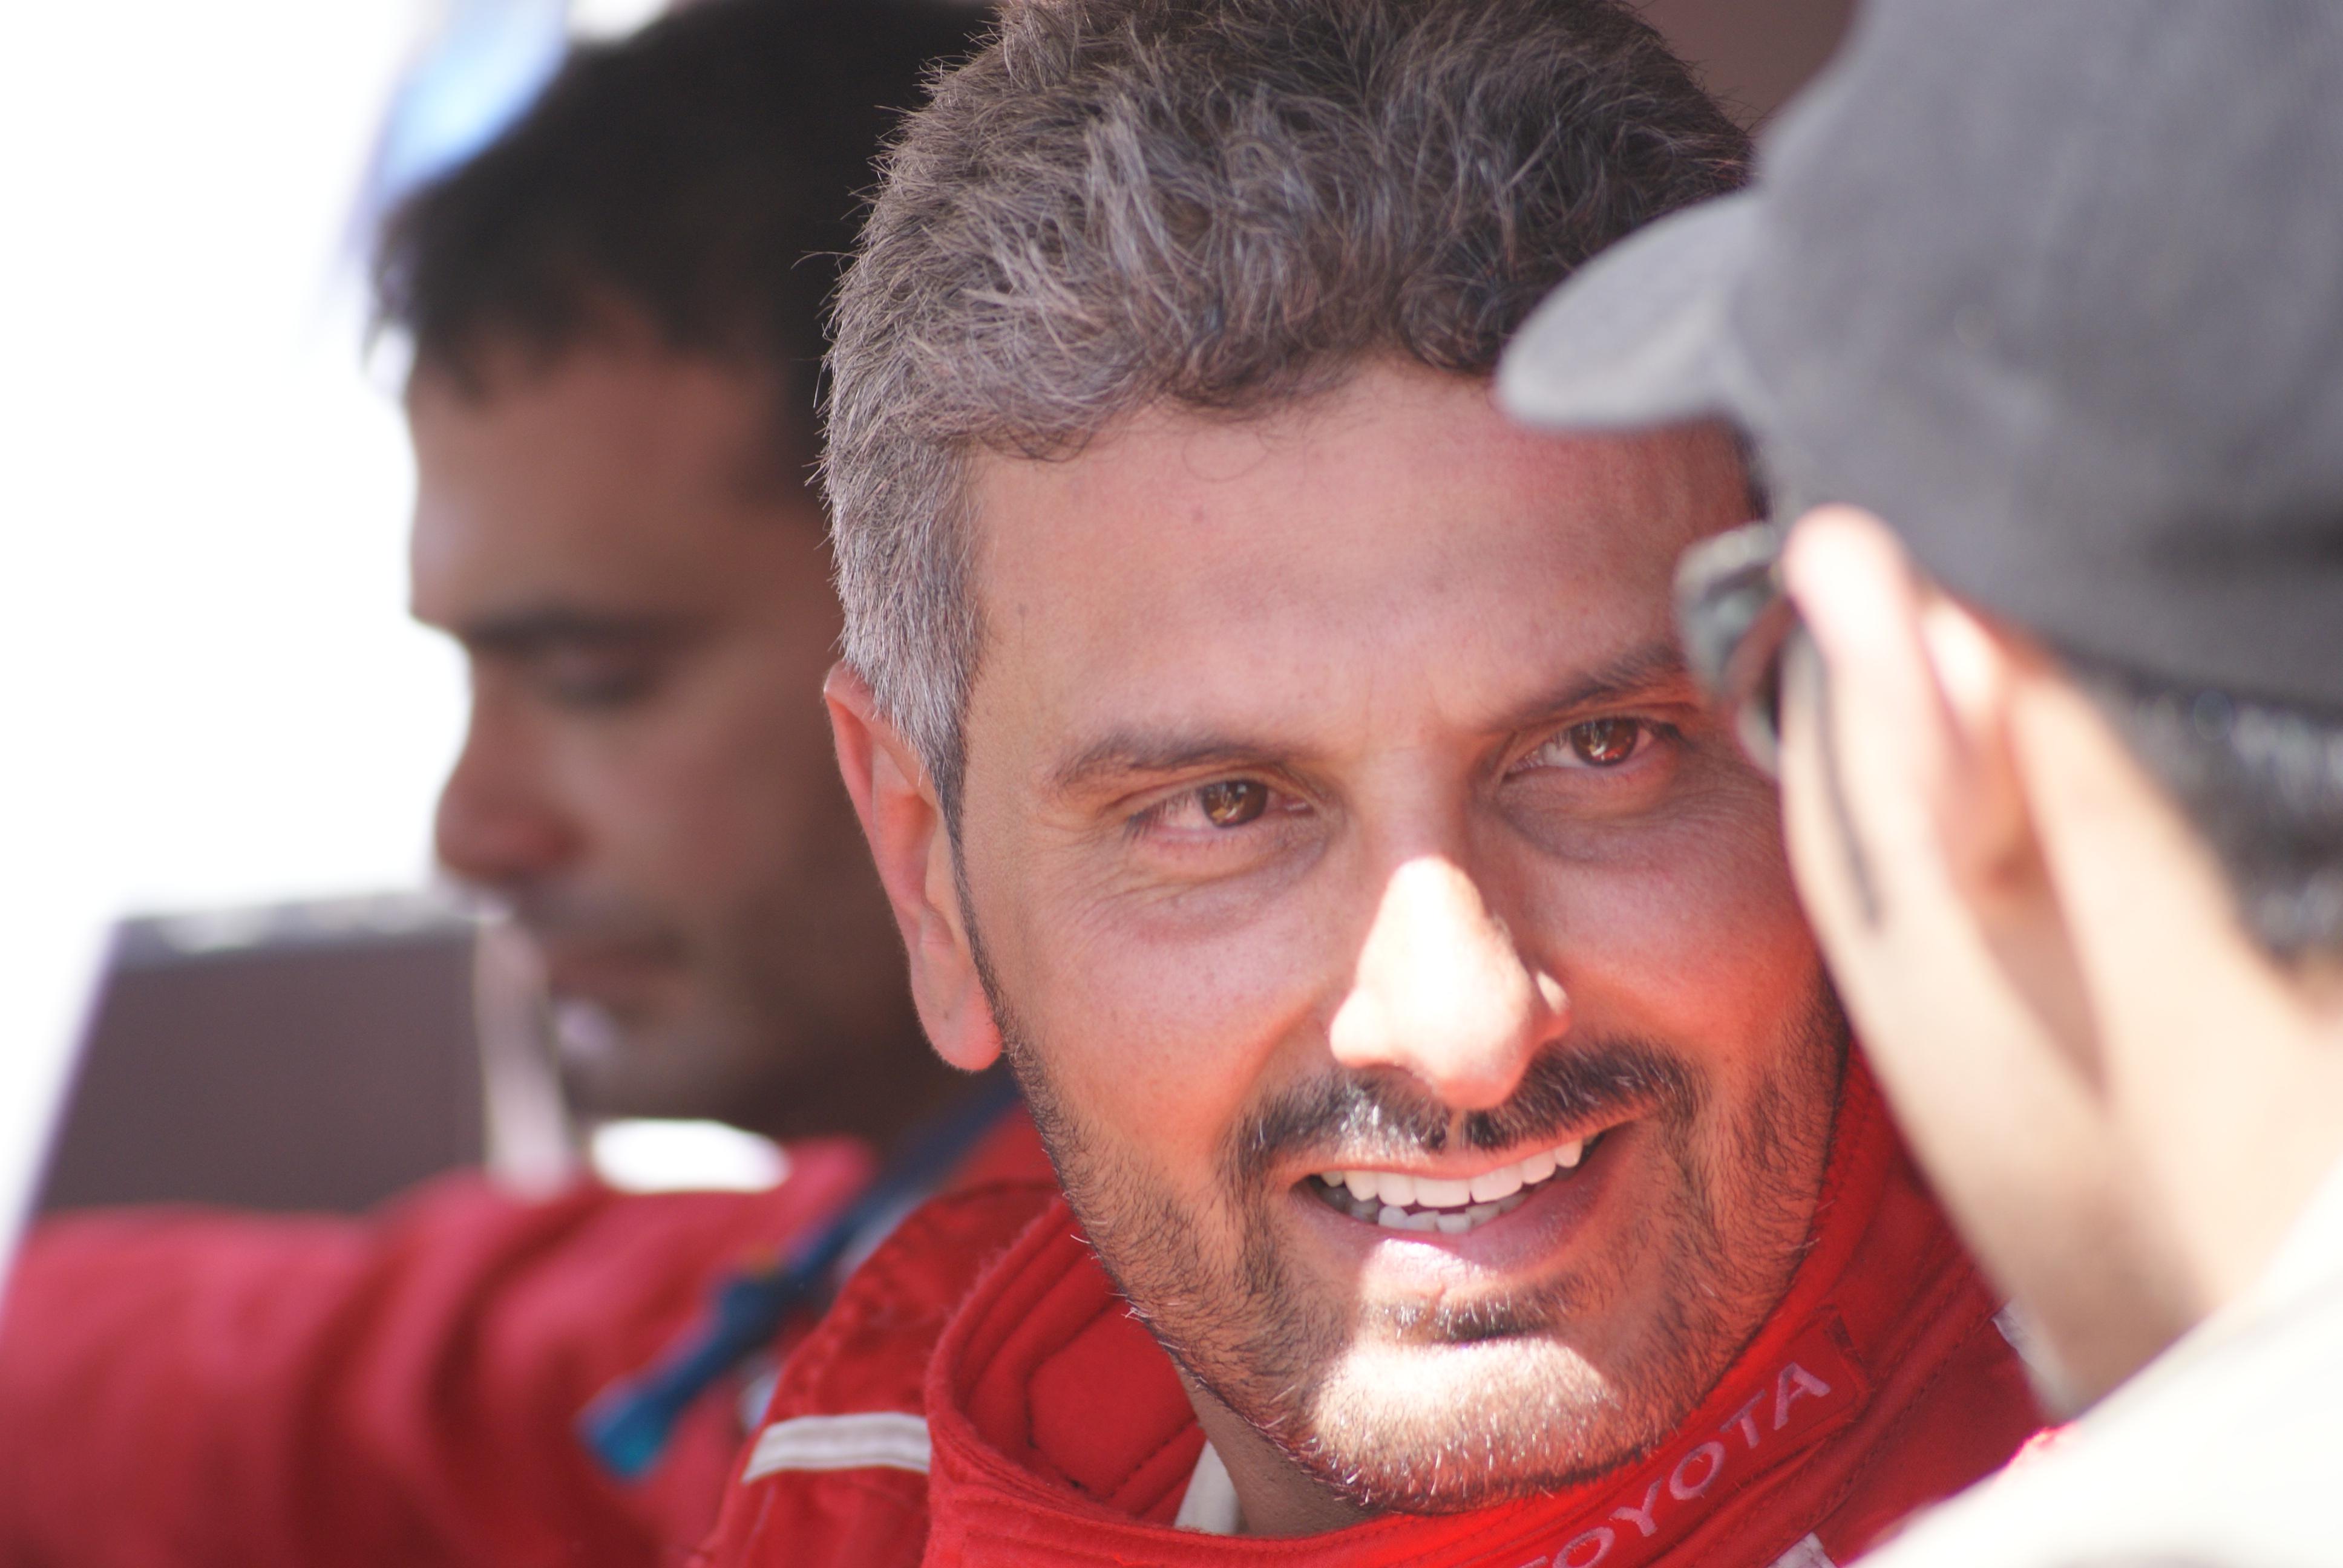 Abdullah Bakhashab at the Ha'il Rally